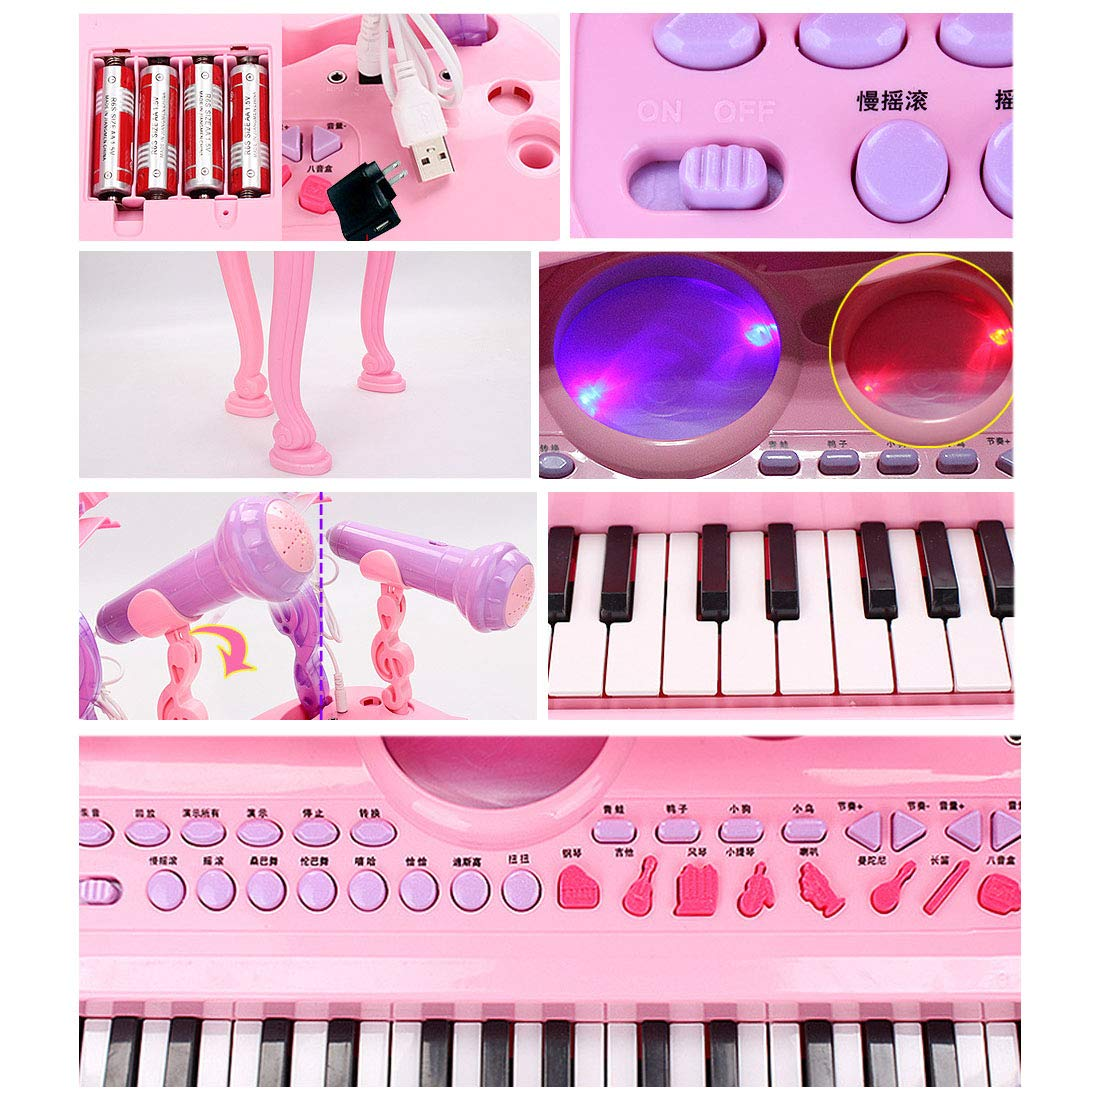 Forweilai Multifunktions 37 Mini-Tasten Musik Musik Musik Klaviertastatur Tragbare Elektronische Musikinstrument mit Mikrofon Für Kinder - (Rosig) 8e885b